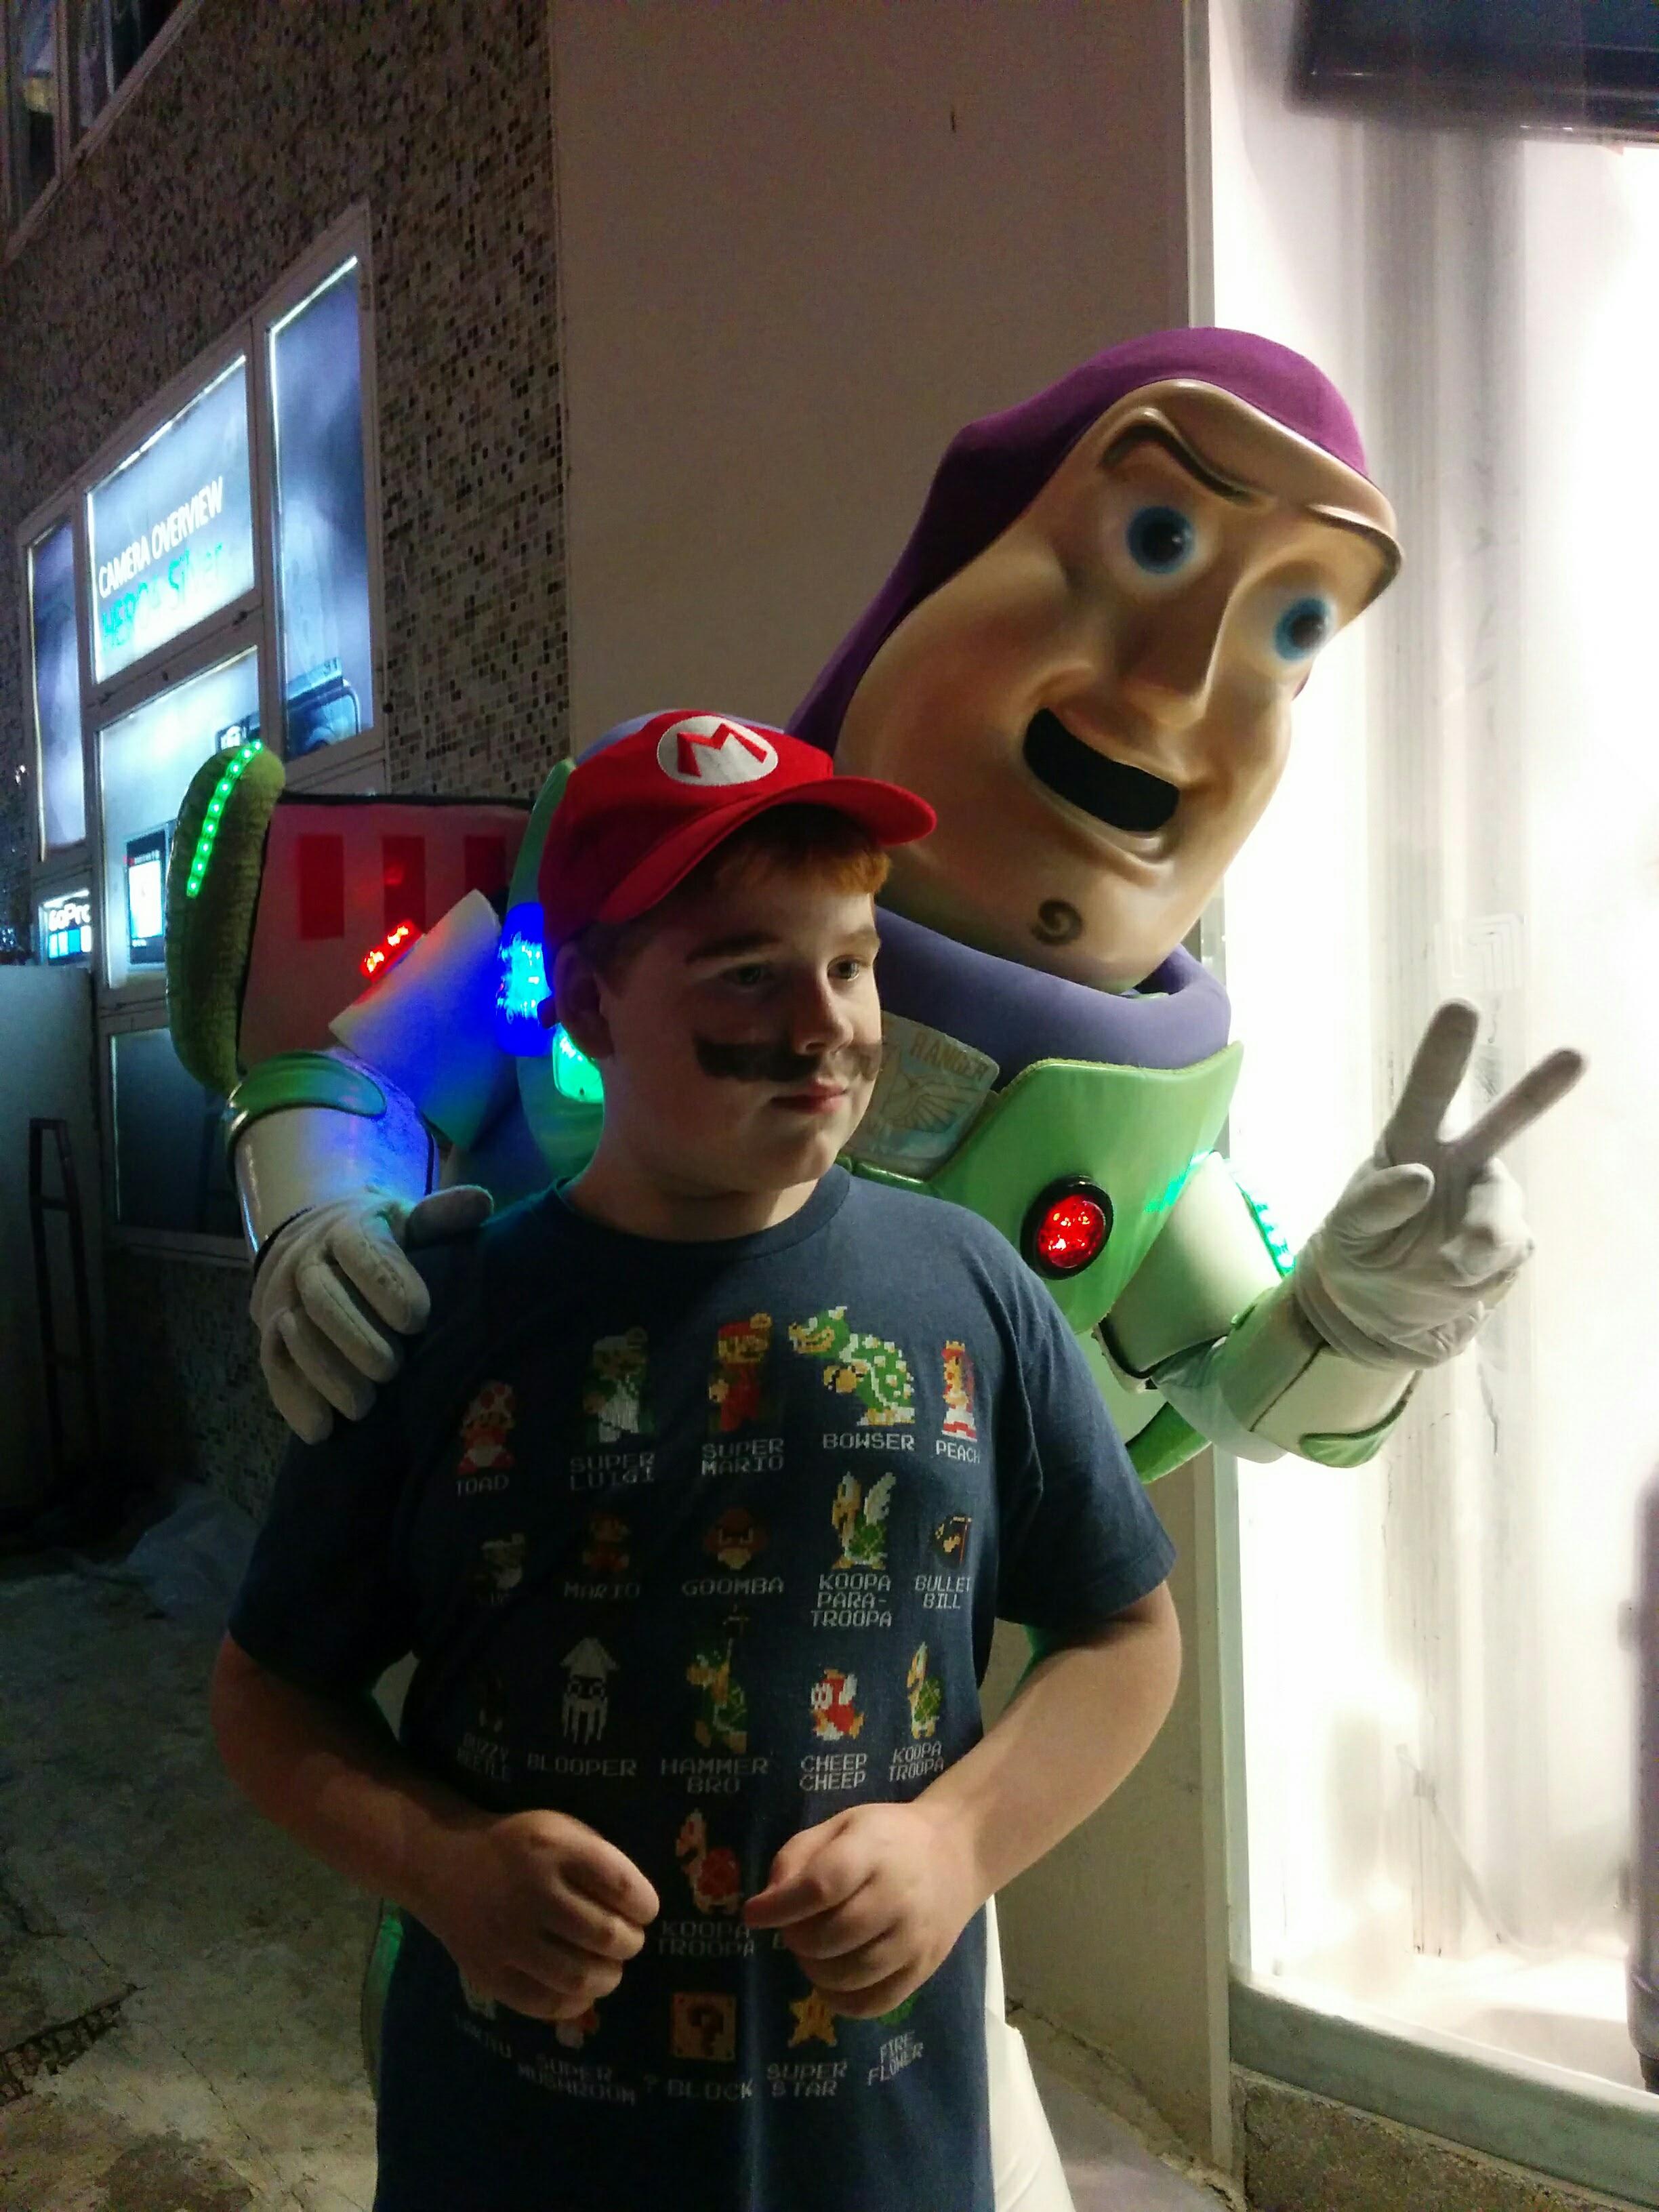 Photo with Buzz Lightyear